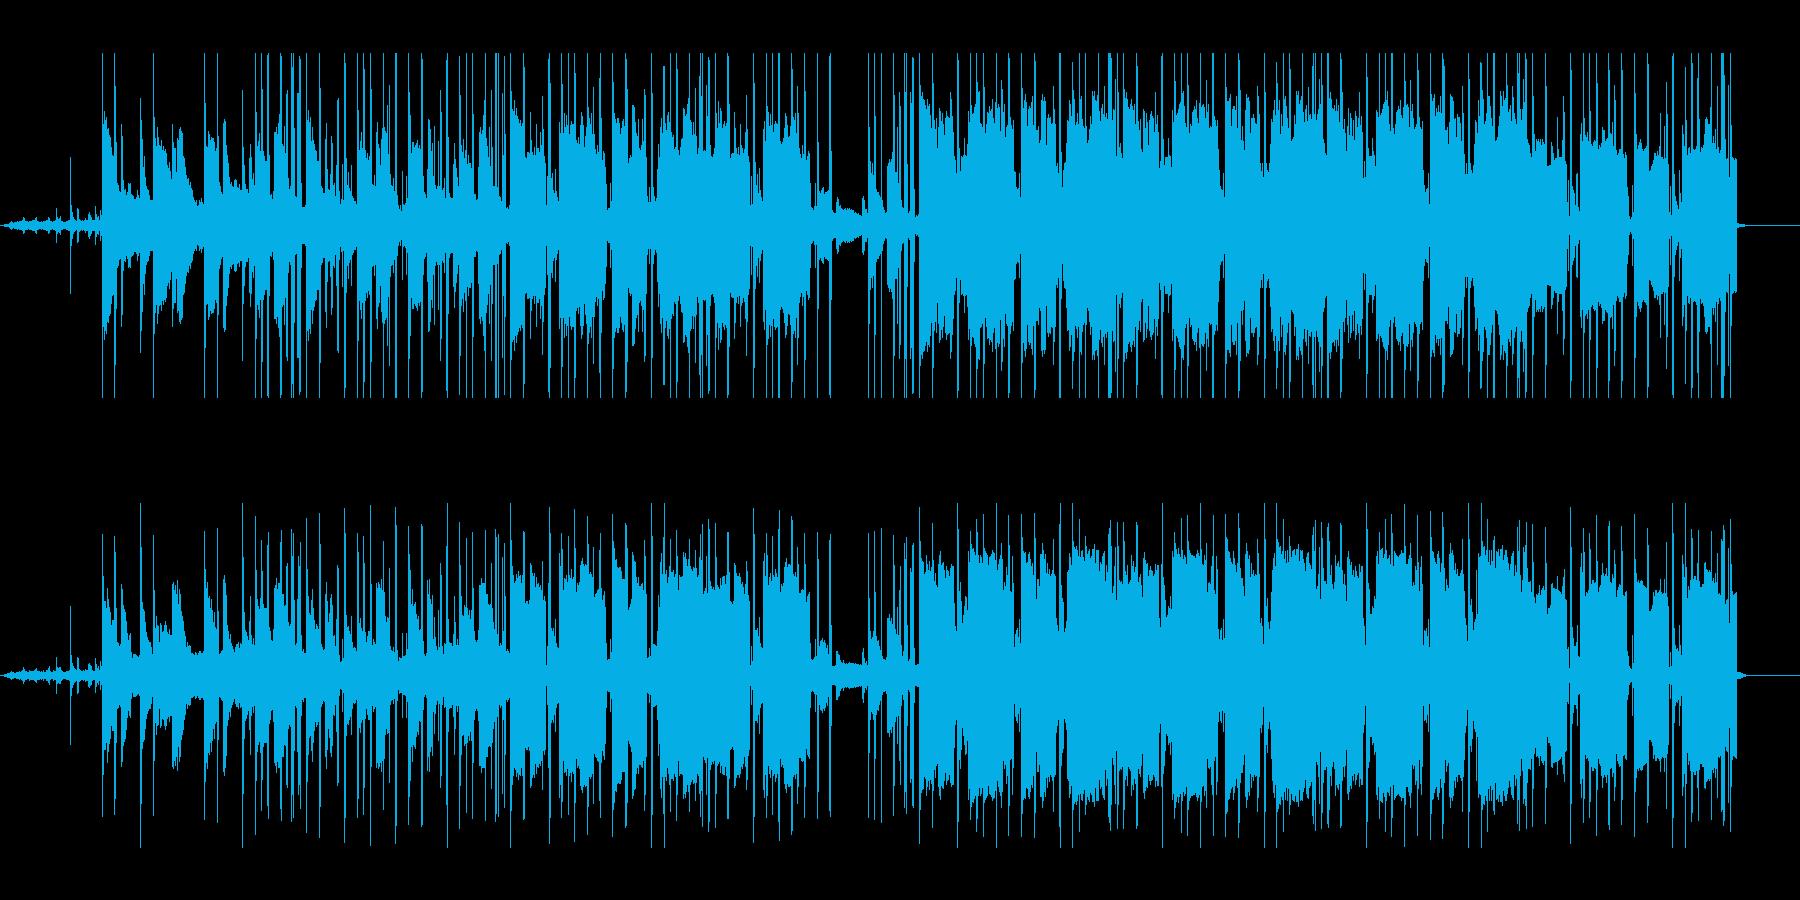 切ないピアノのlo-fi hiphopの再生済みの波形